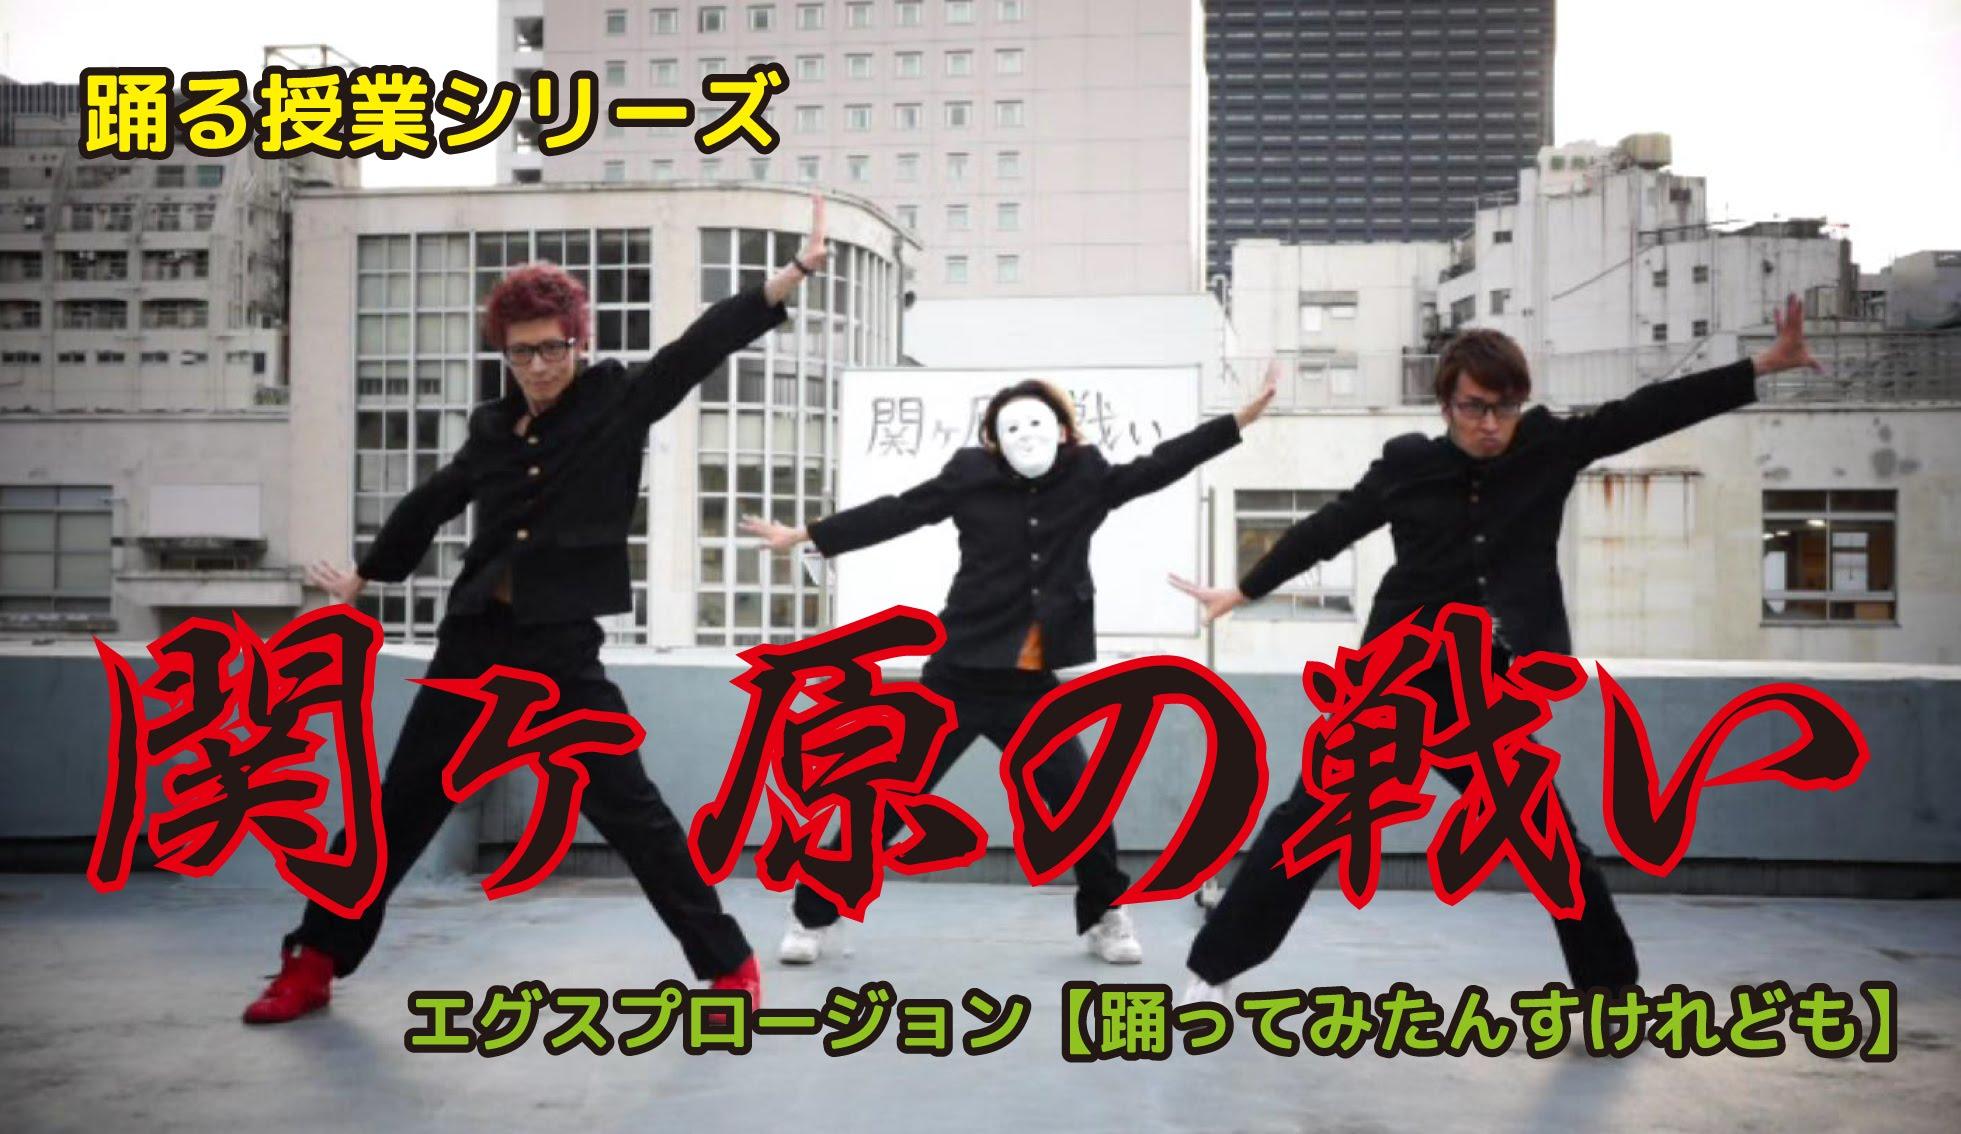 踊る授業シリーズ④『関ヶ原の戦い』エグスプロージョン